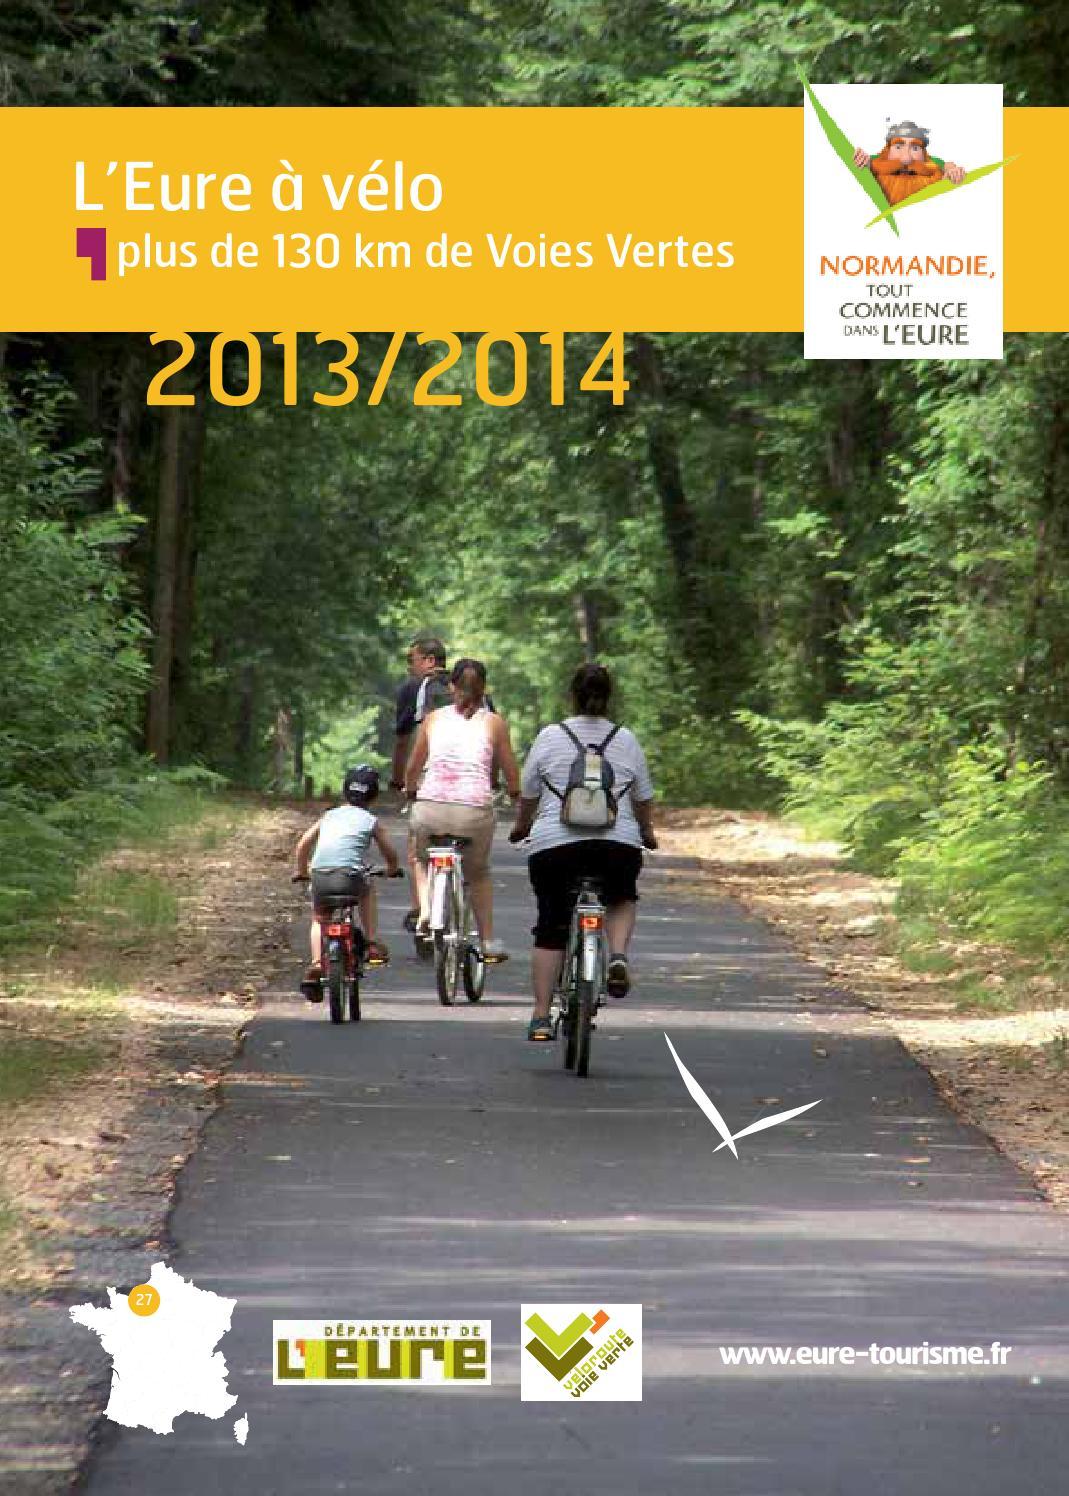 L'eure À Vélo 2013 2014 By Eure Tourisme - Issuu concernant Piscine Evreux Jean Bouin